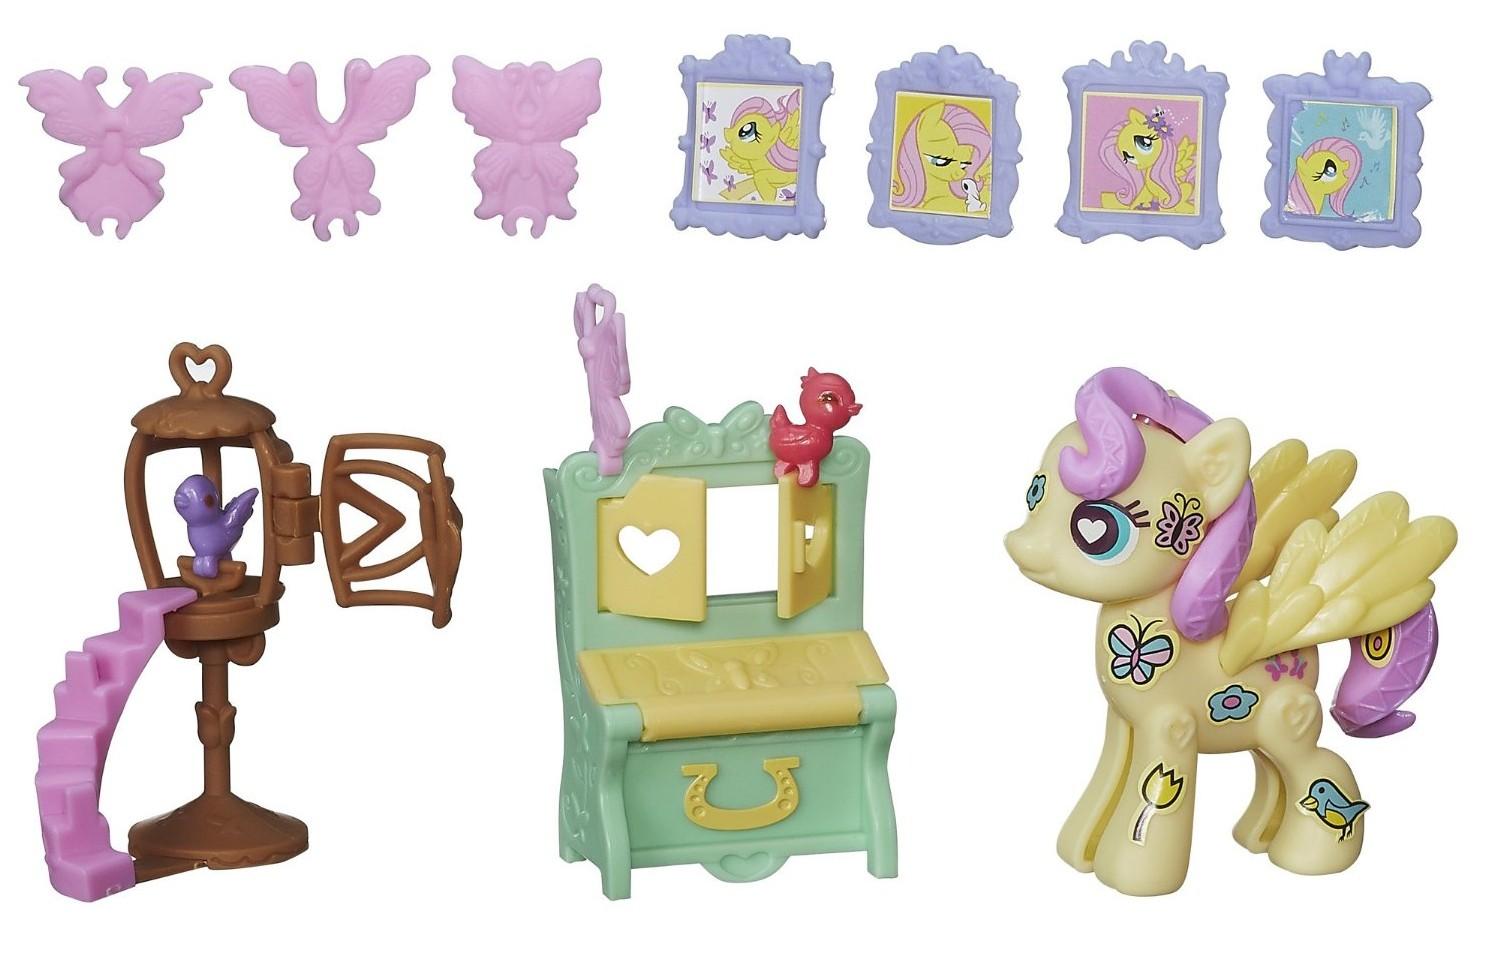 Поп-конструктор из серии My Little Pony Флаттершай на вечеринкеМоя маленькая пони (My Little Pony)<br>Поп-конструктор из серии My Little Pony Флаттершай на вечеринке<br>